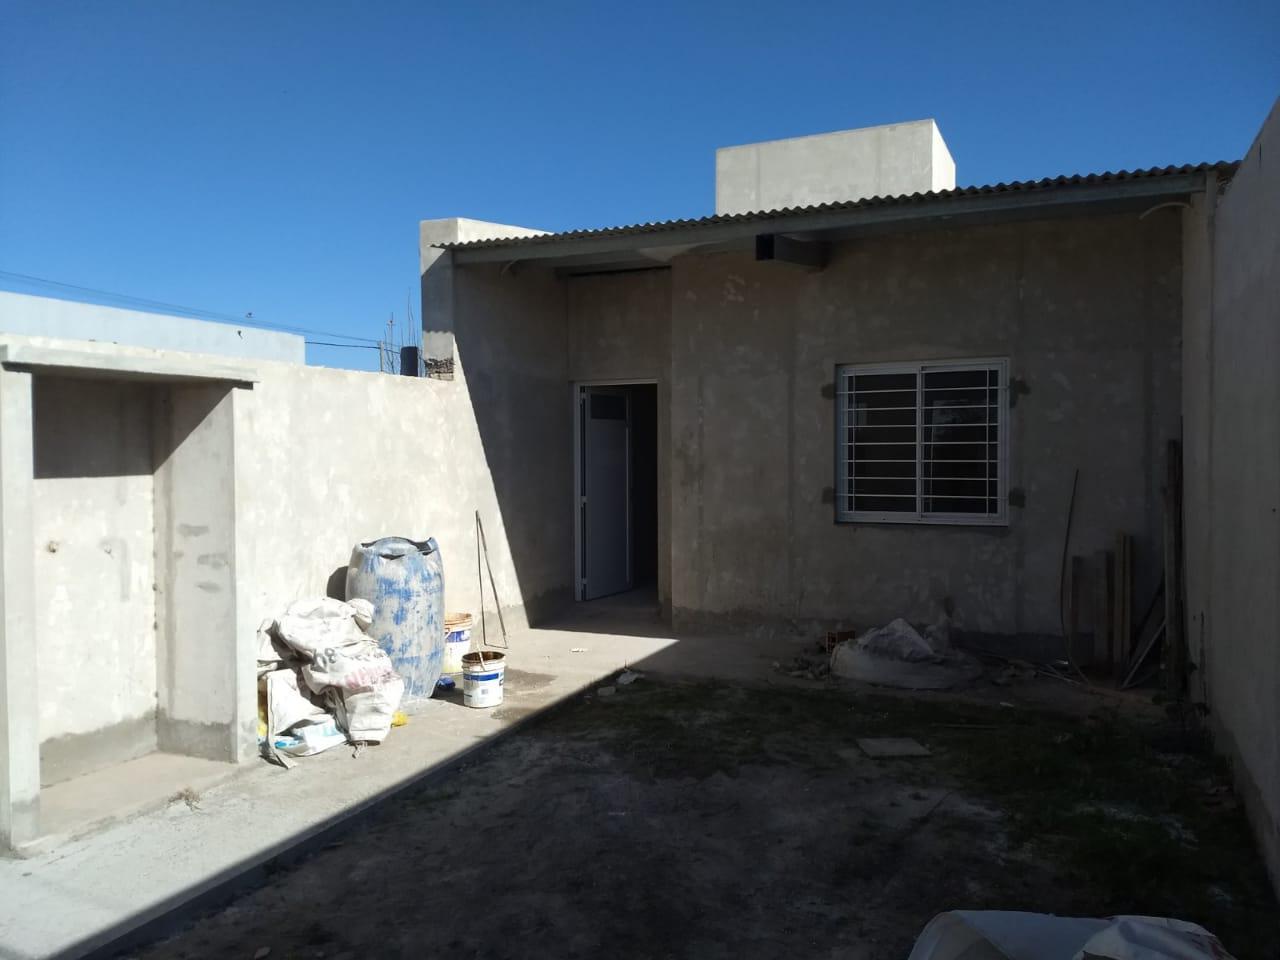 Chacabuco 2039 - Gaggiotti Inmobiliaria cuenta con más de 50 años desde que se inicio en el negocio de los servicios inmobiliarios.